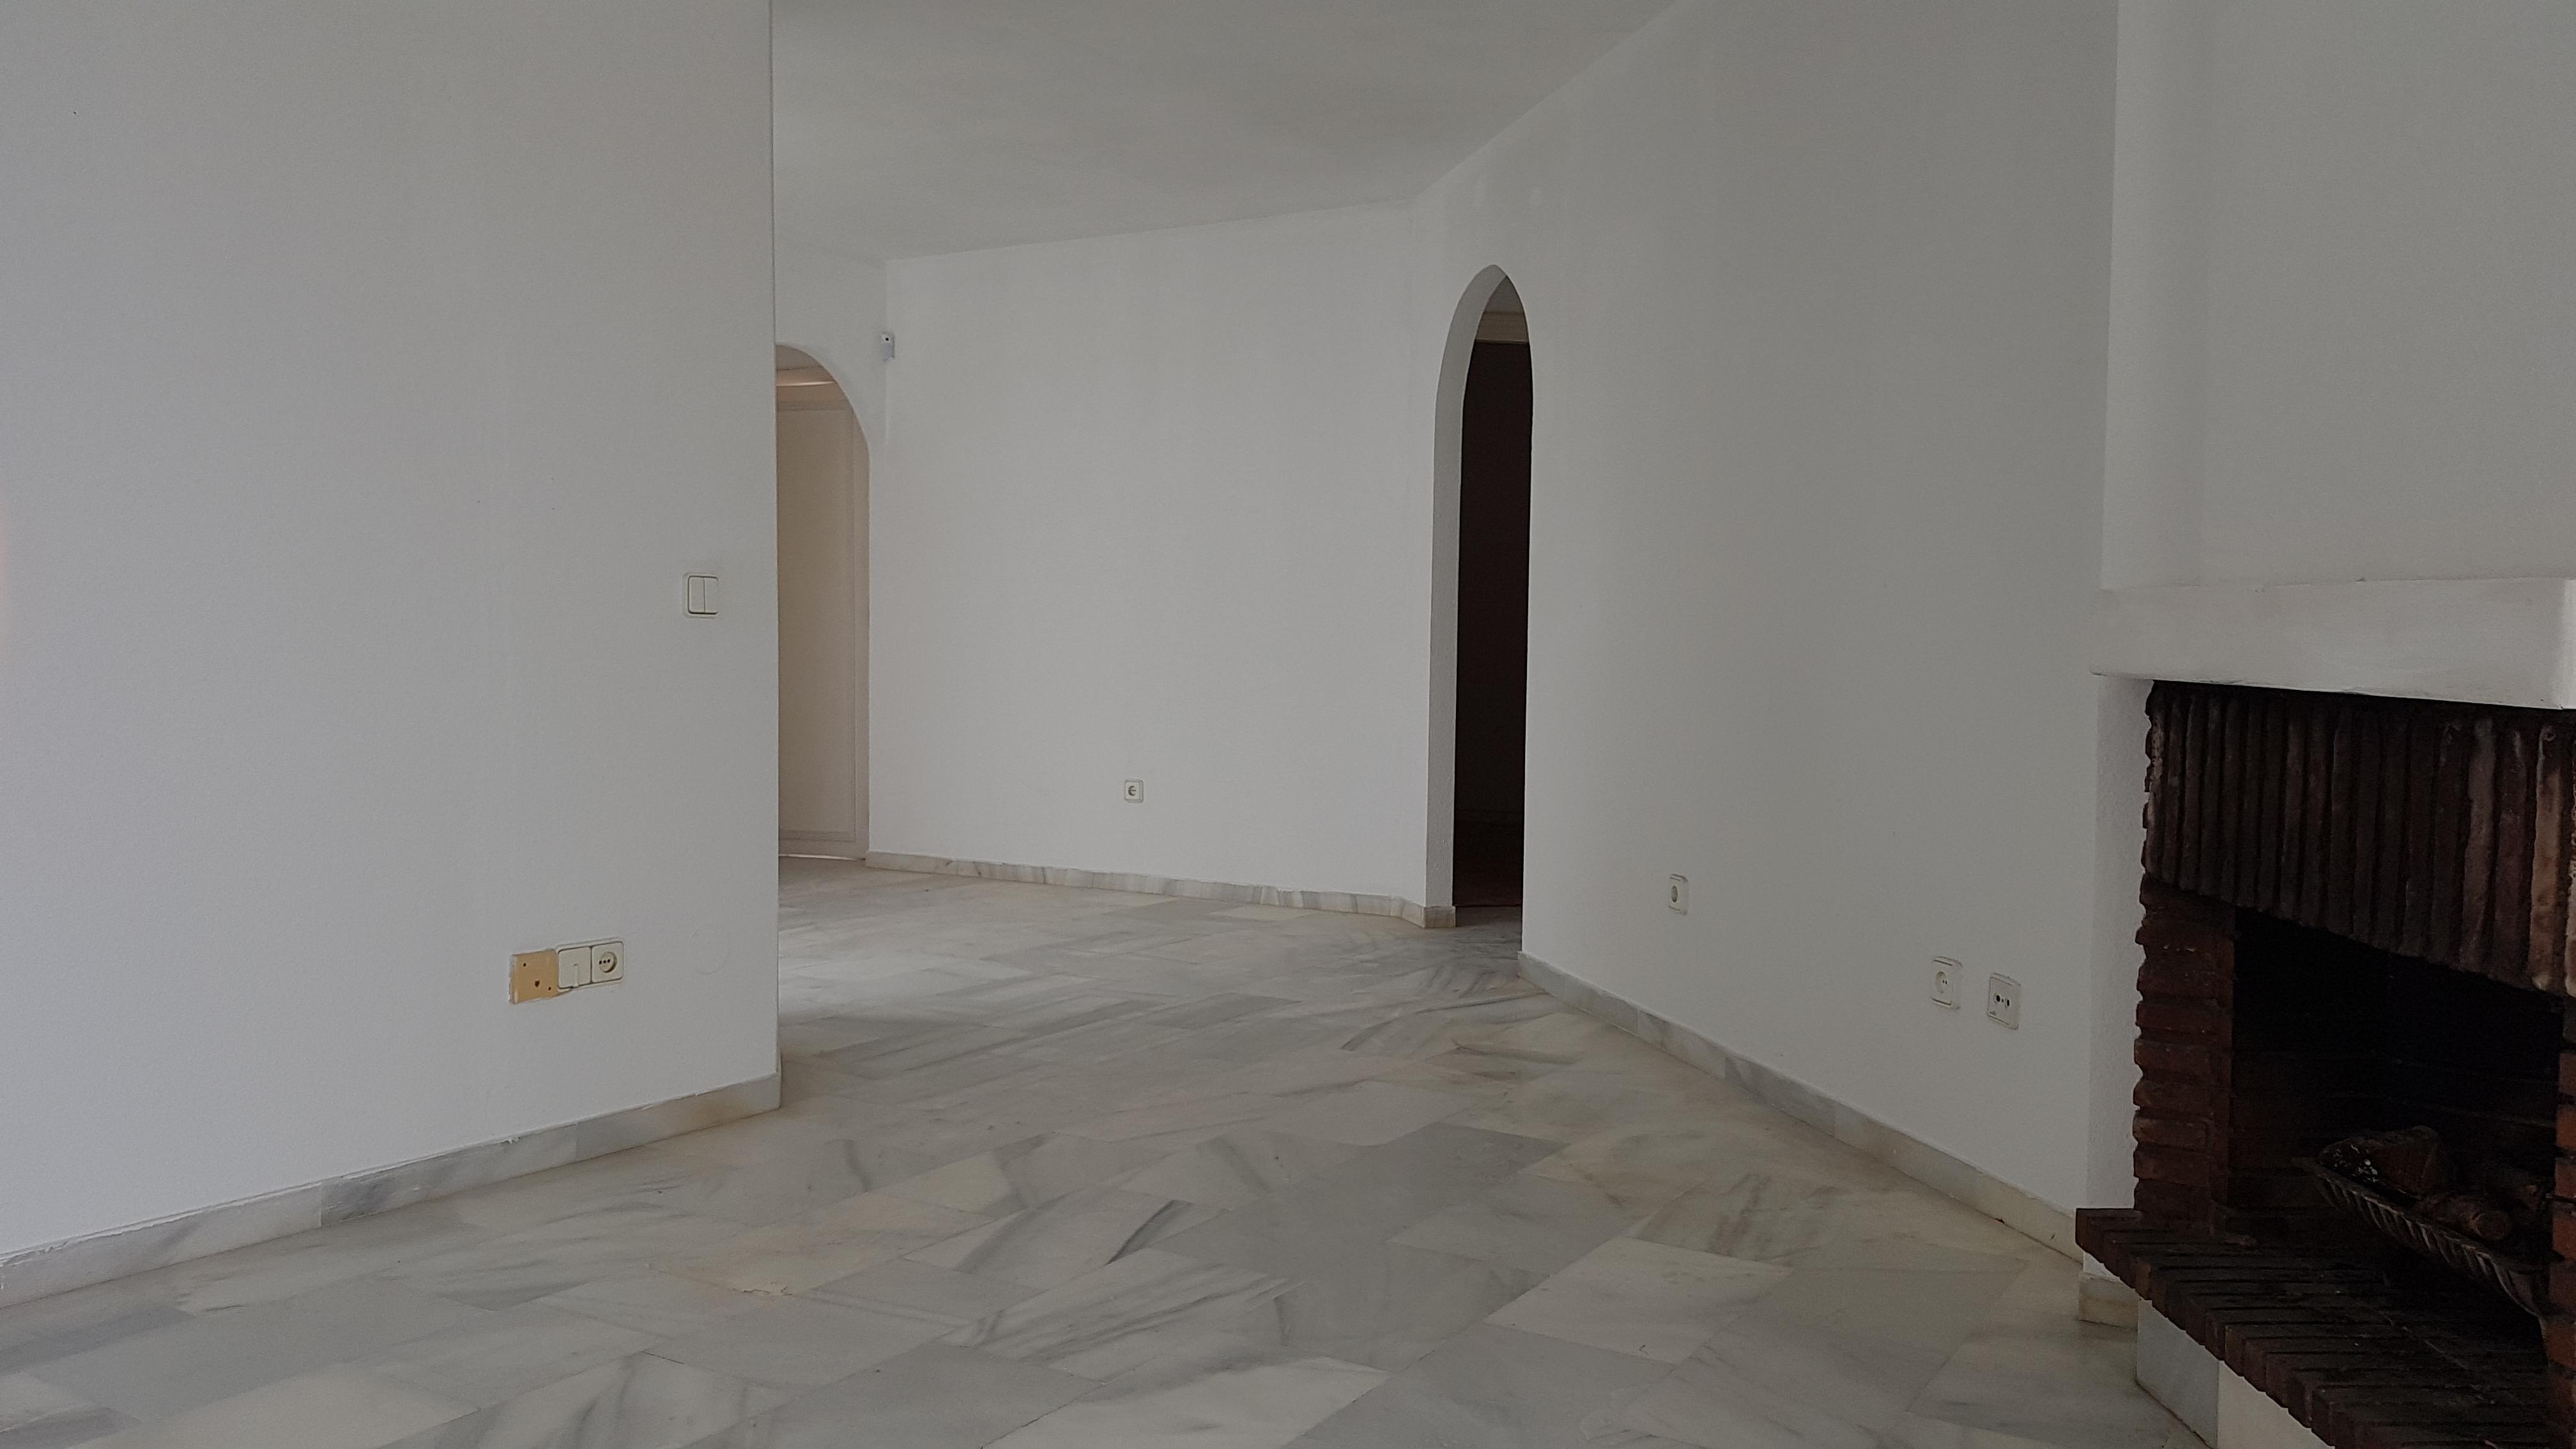 Piso en venta en Urbanización Sitio de Calahonda, Mijas, Málaga, Calle Jaén, 137.000 €, 3 habitaciones, 1 baño, 77 m2